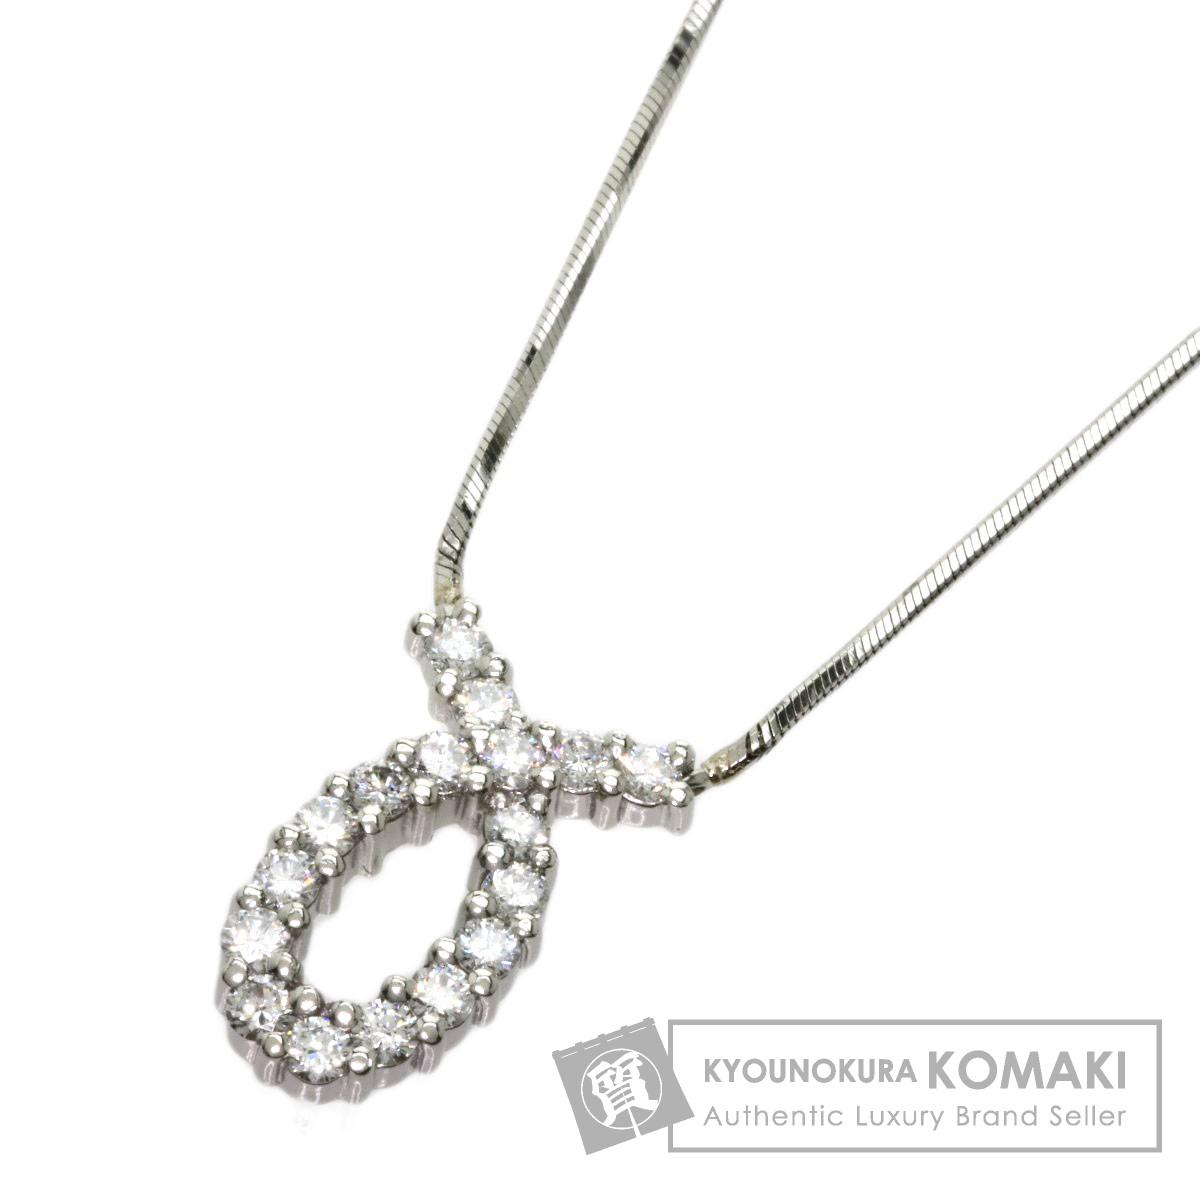 0.52ct ダイヤモンド ネックレス プラチナPT850 6.5g レディース 【中古】